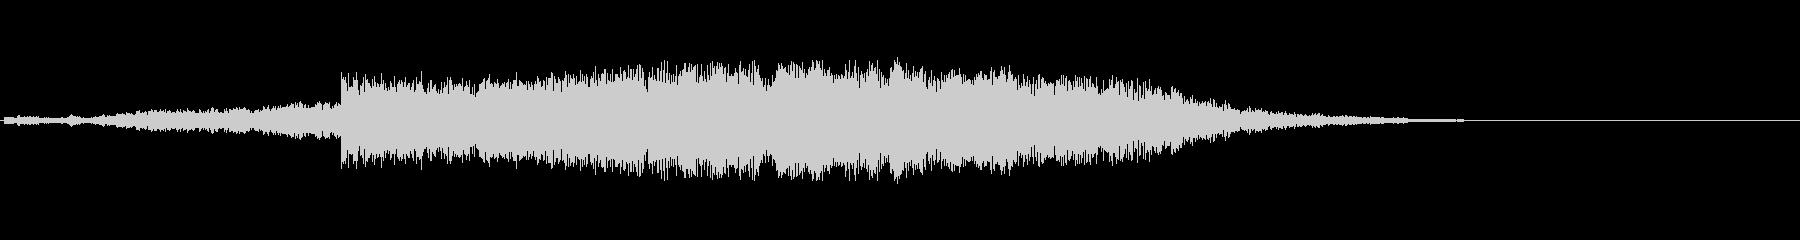 オーロラをイメージした効果音です。キラ…の未再生の波形